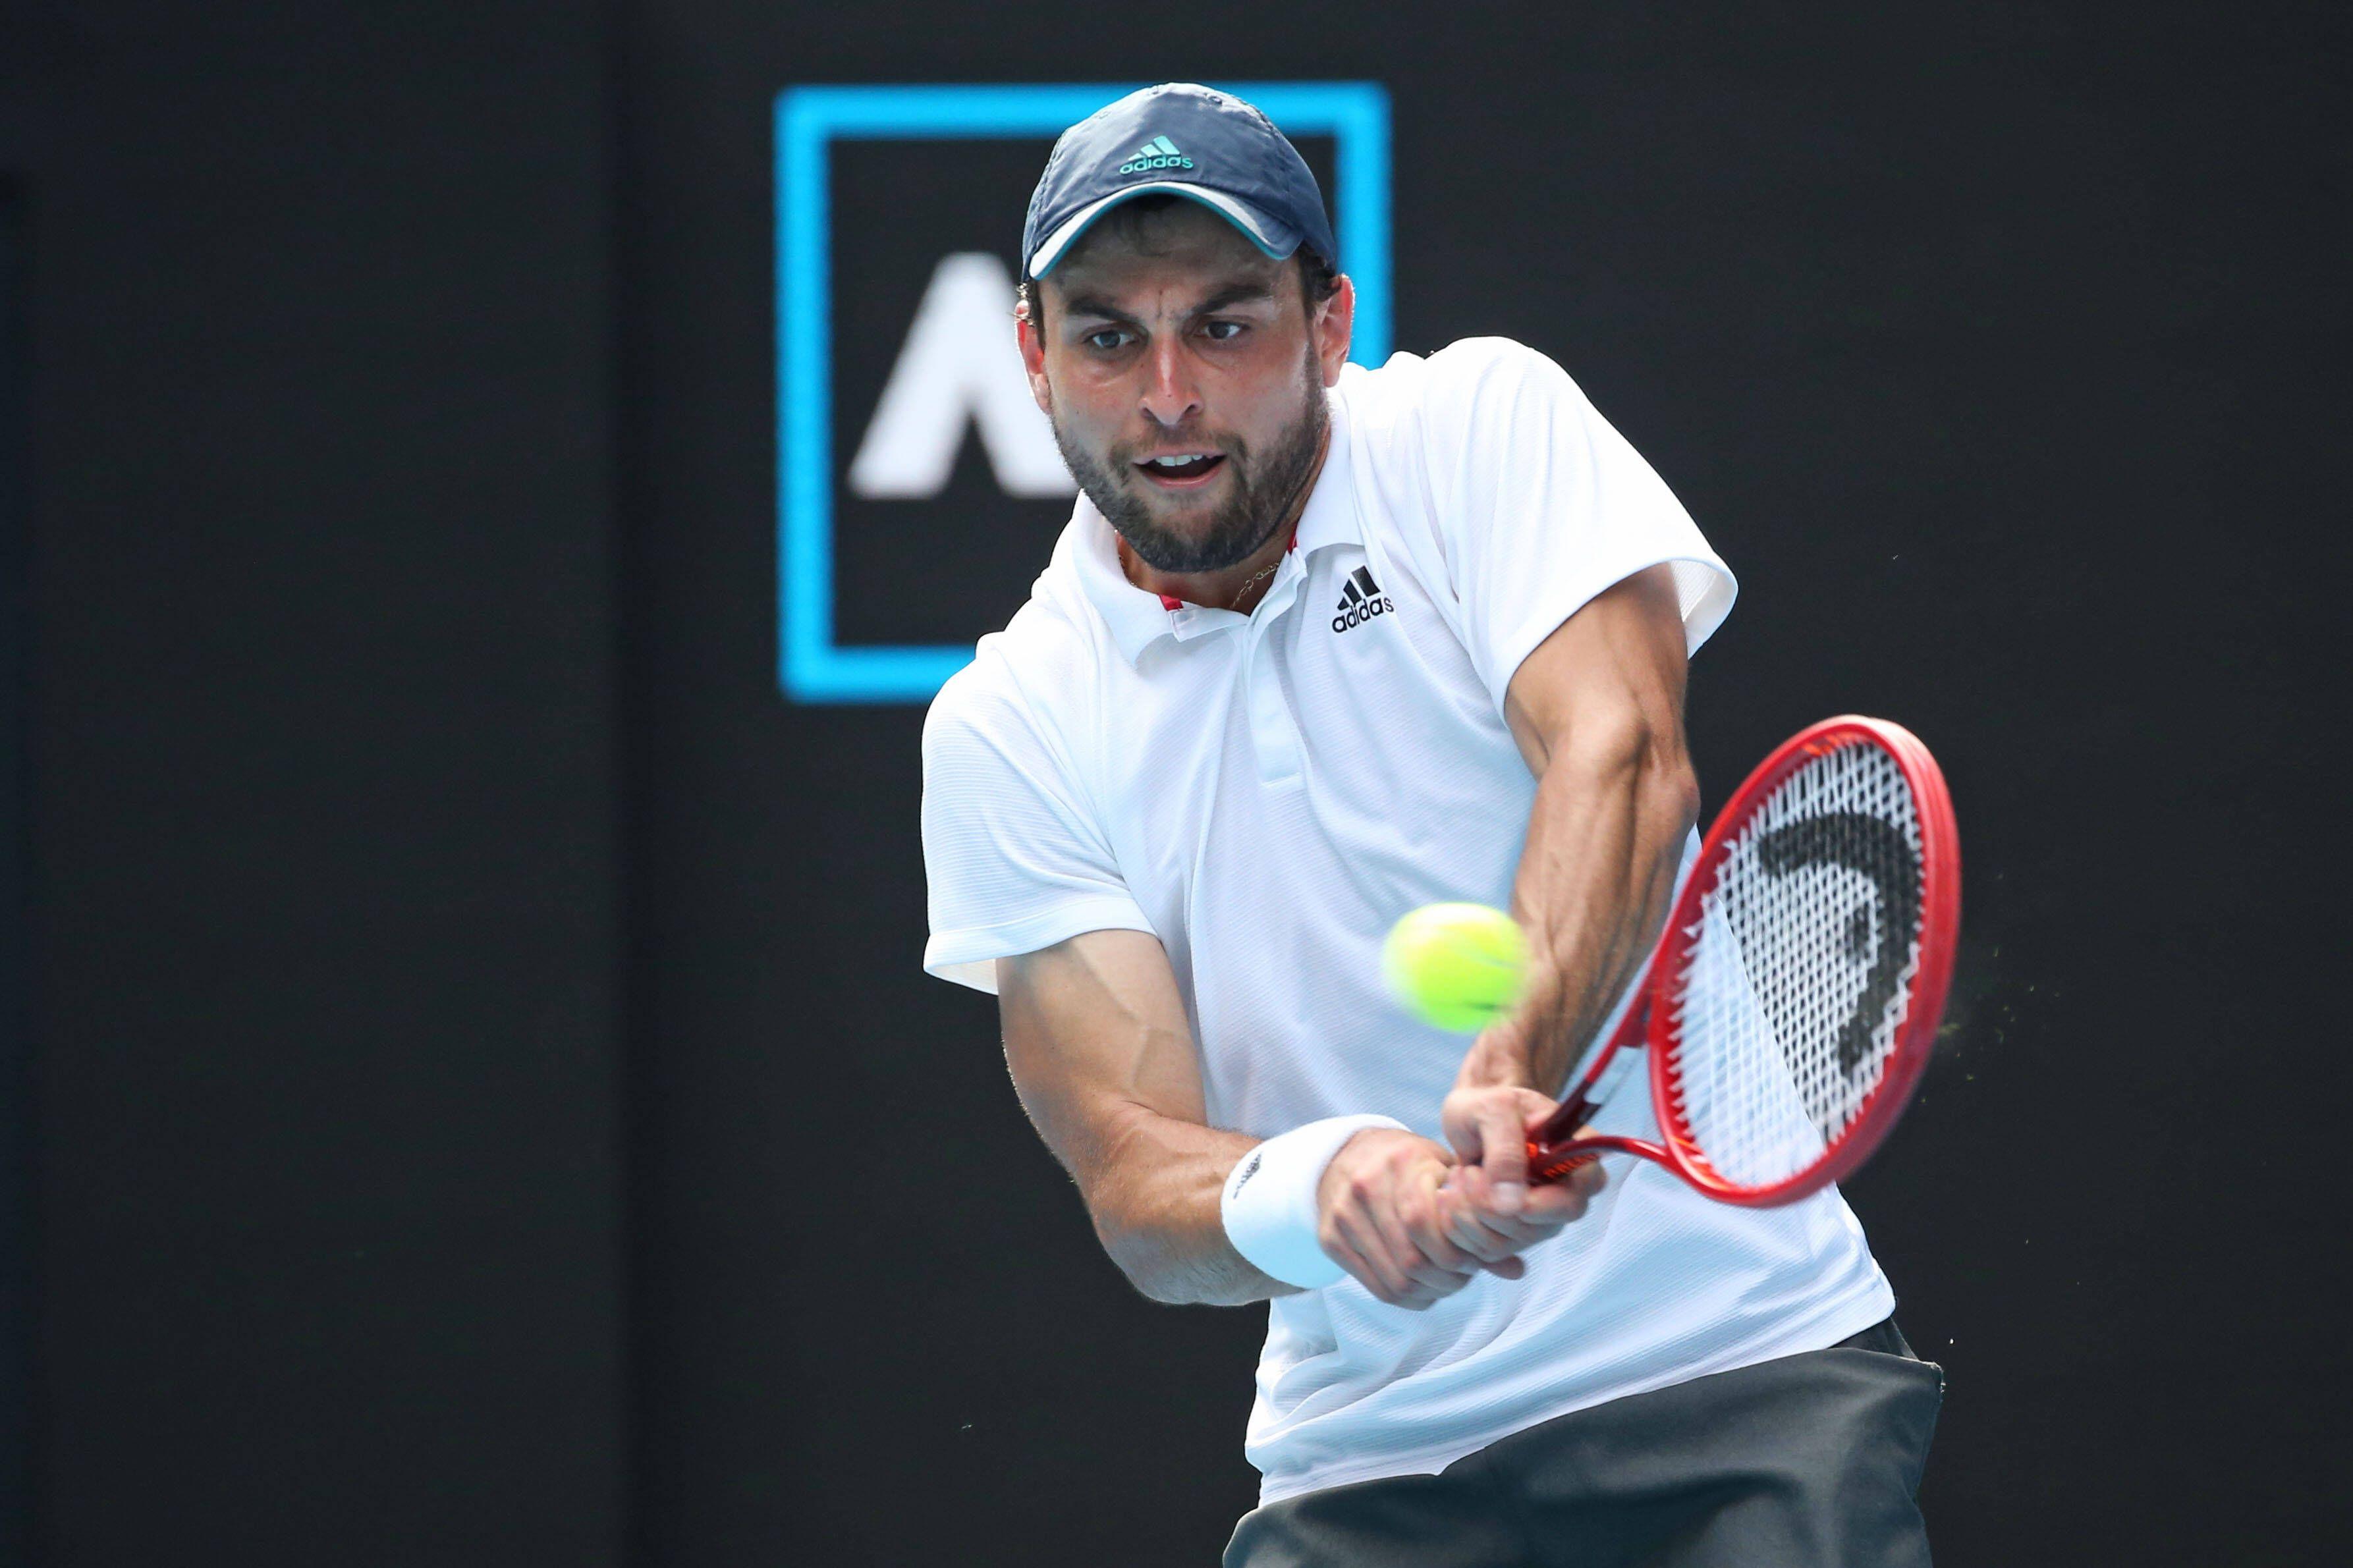 Иностранцы - о Карацеве на Australian Open: 'Это сумасшествие! Всё идёт к русскому финалу'